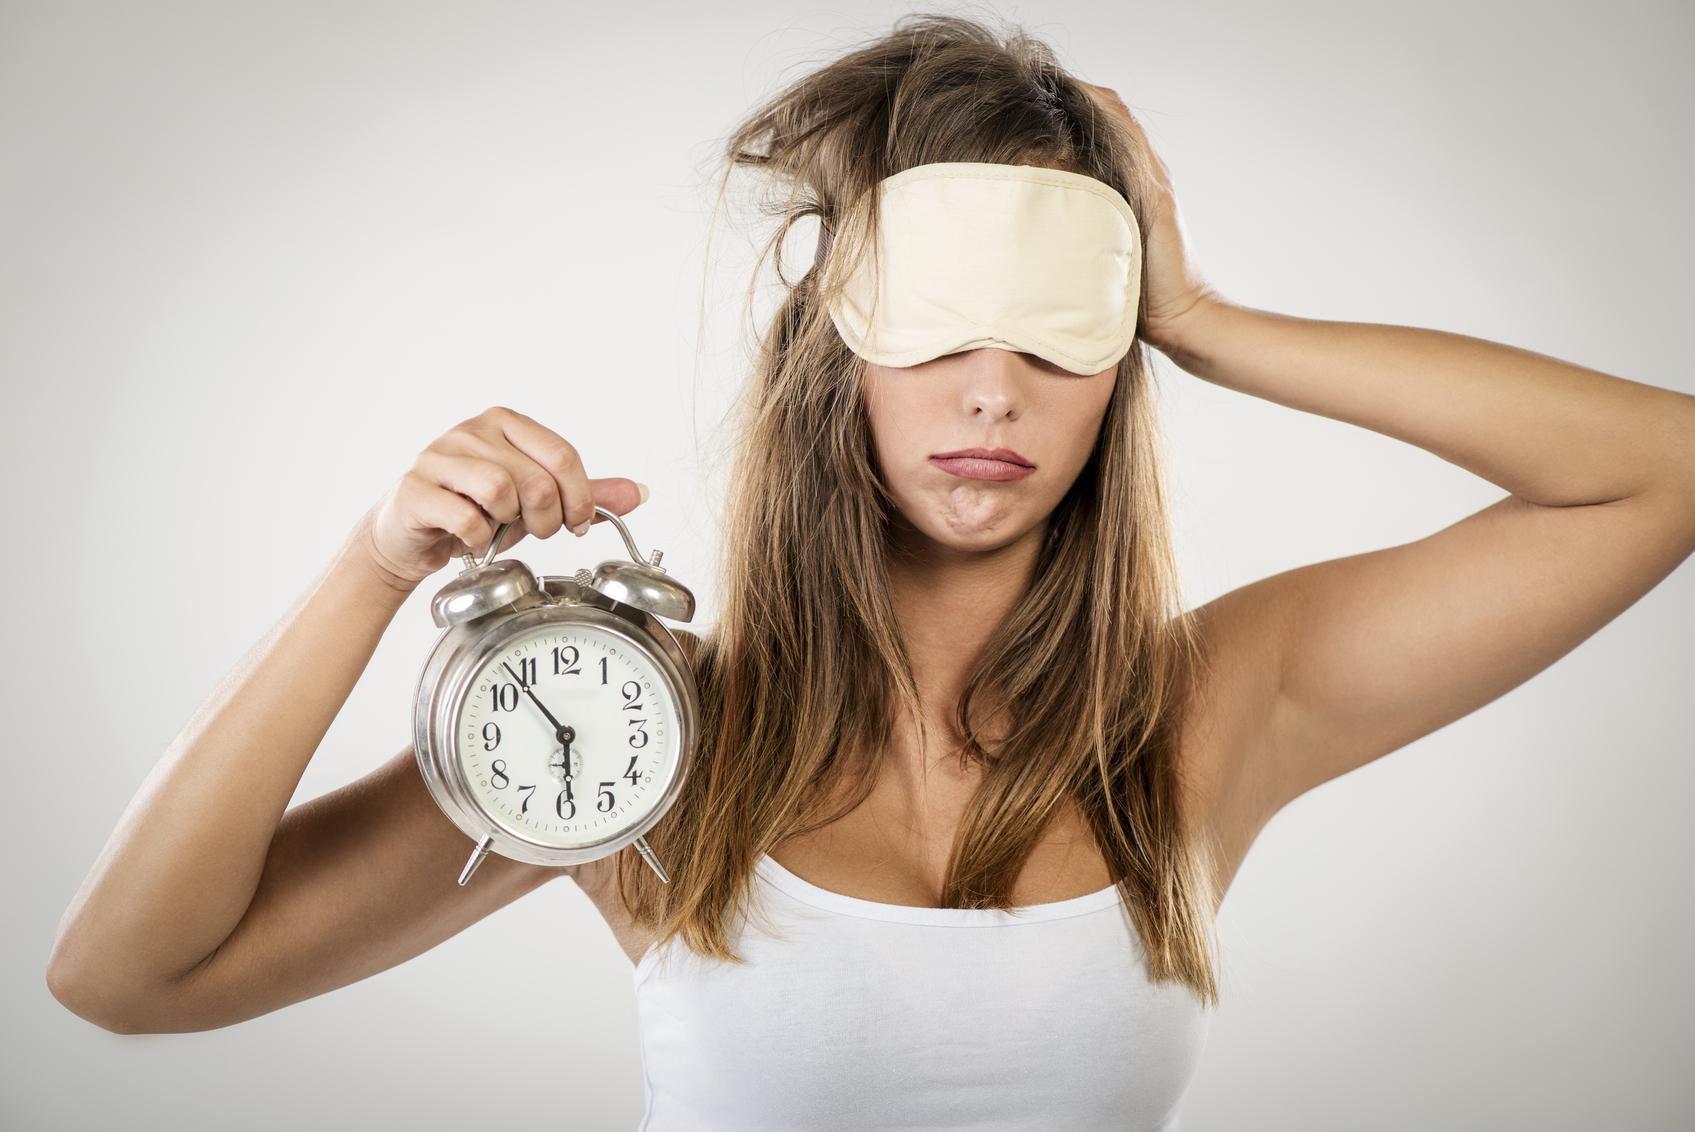 application การนอนหลับ สุขภาพการนอน แอพพลิเคชั่น